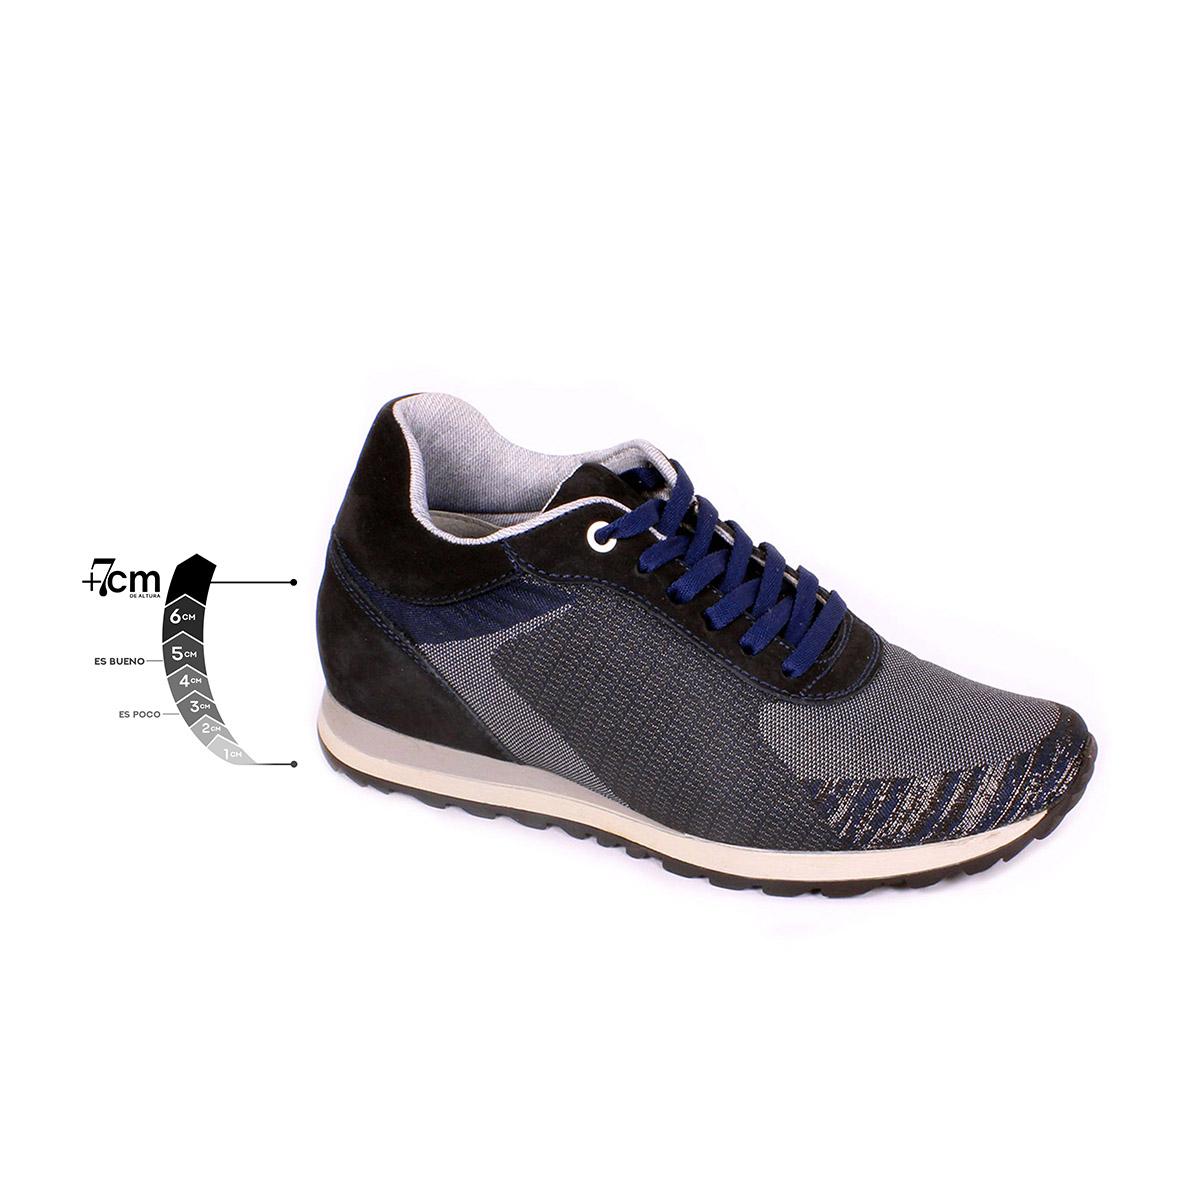 Tenis Unlimited Azul Max Denegri +7cms de Altura_75288